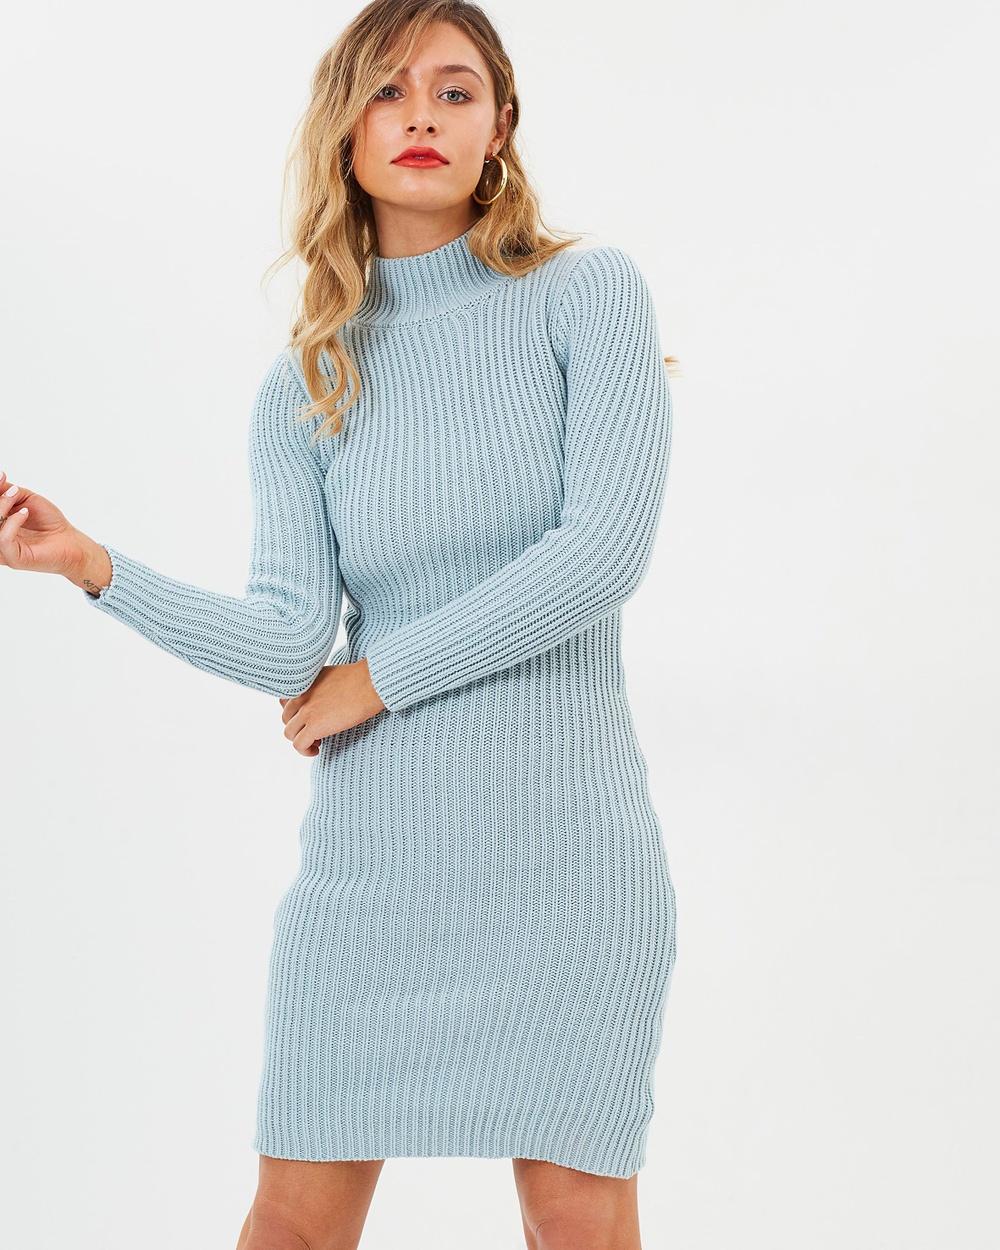 Lioness Manhattan Knit Dress Bodycon Dresses Cloud Grey Manhattan Knit Dress